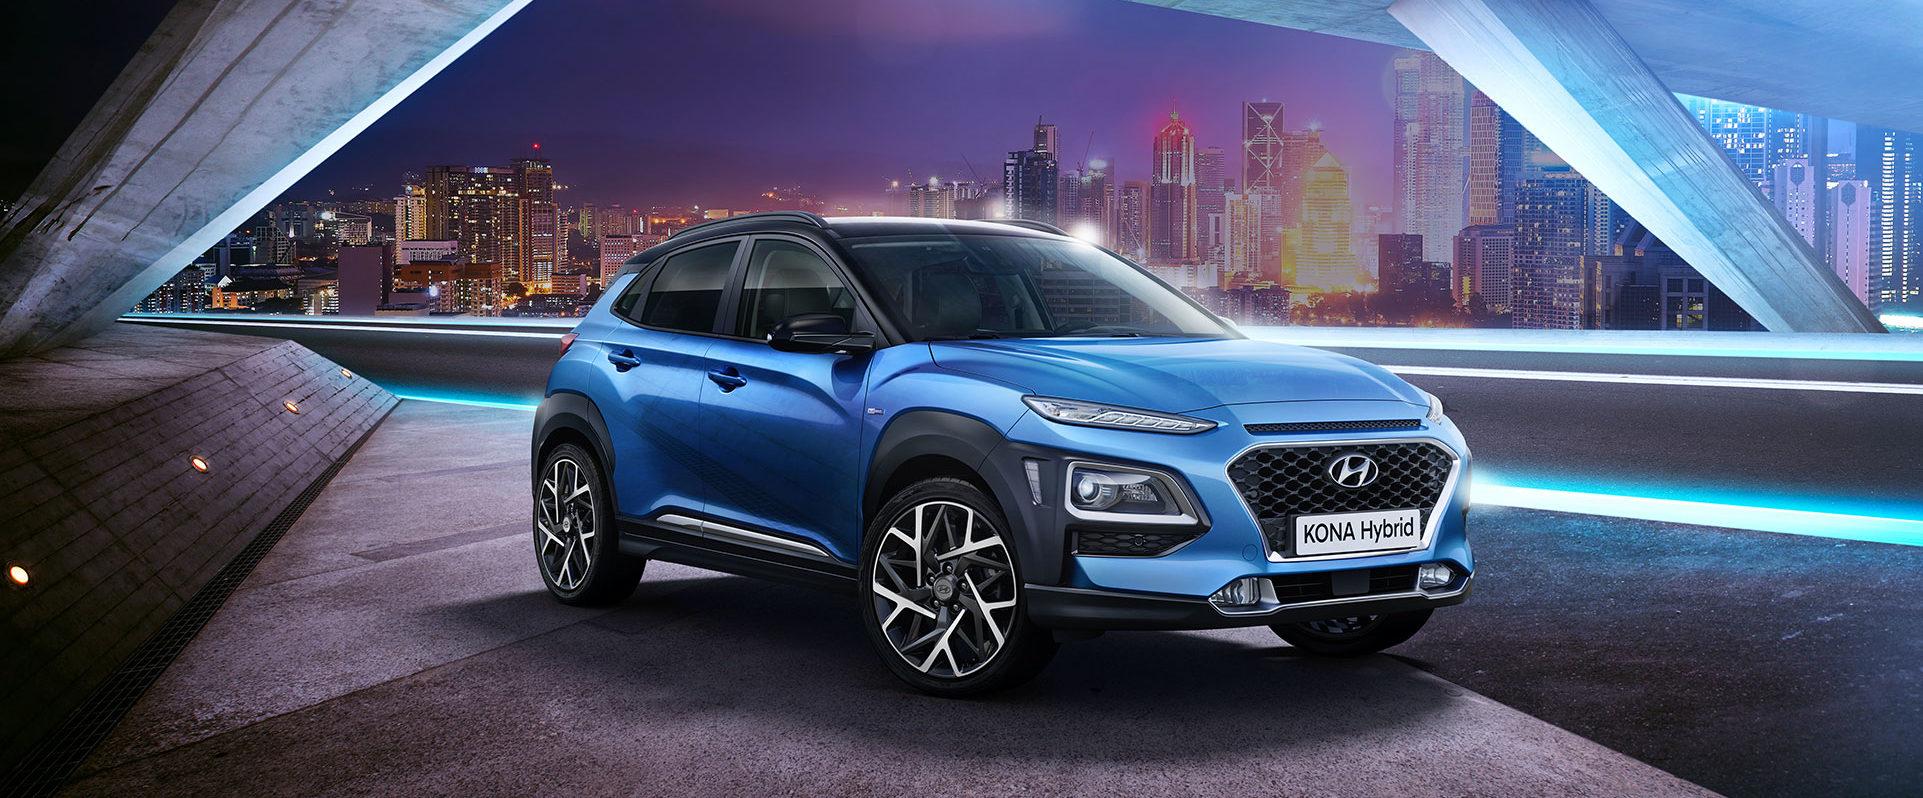 Hyundai Kona Hybrid tua a 19.325€ con VANTAGGI ROTTAMAZIONE